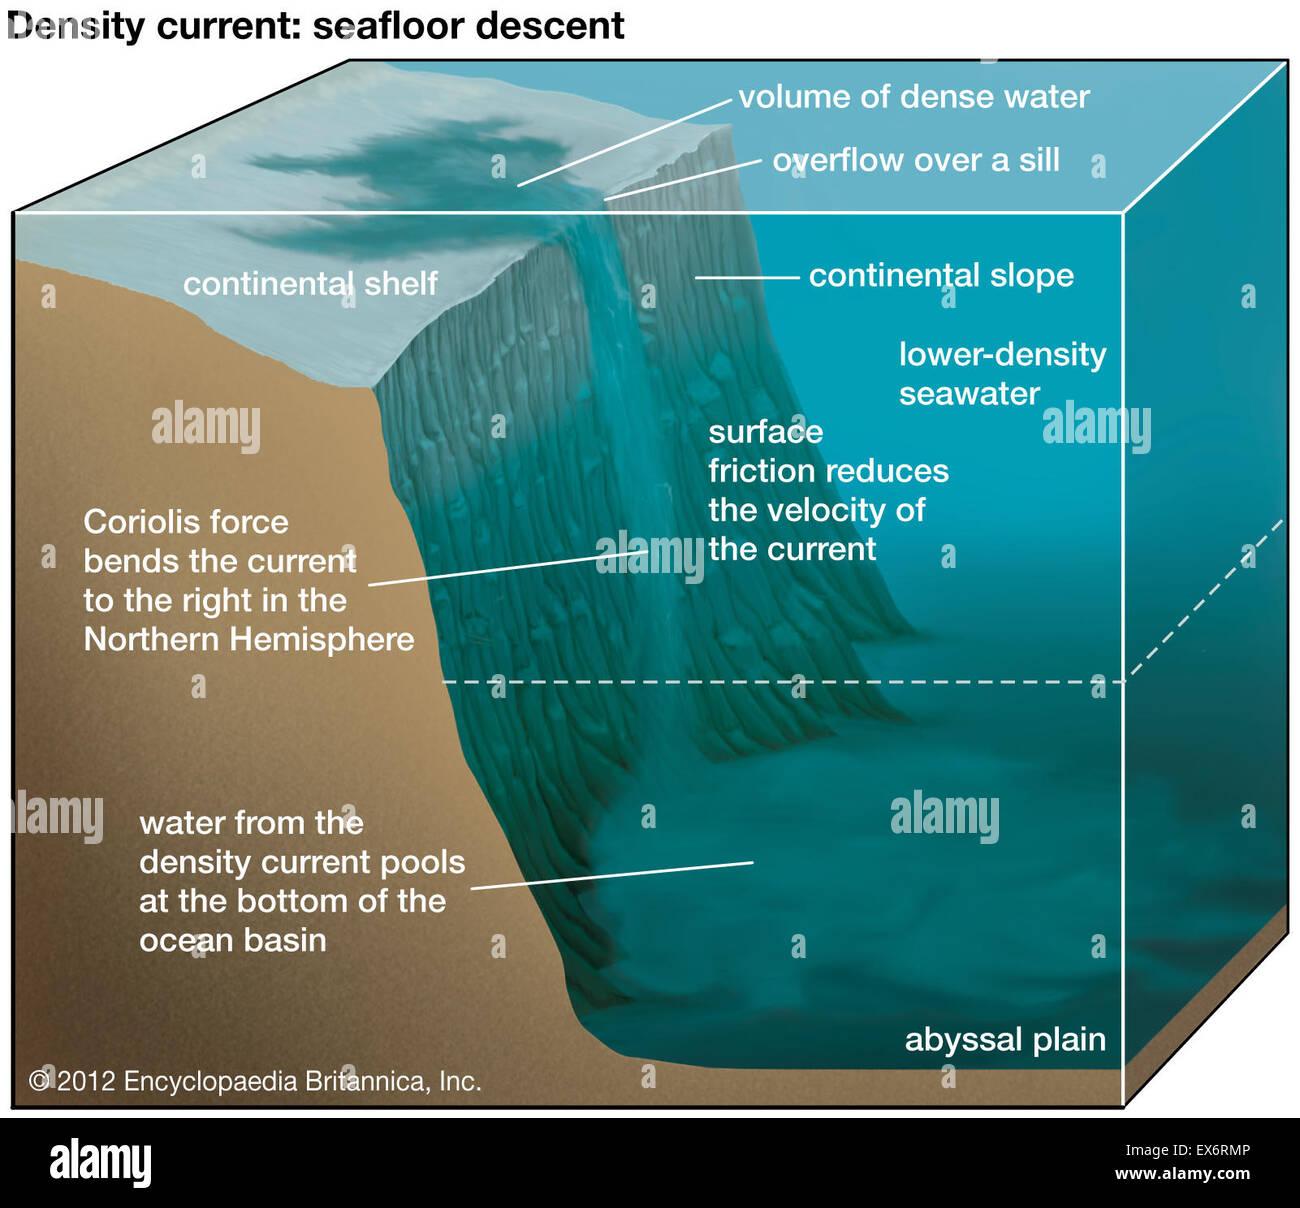 Density current: descent to the ocean floor - Stock Image